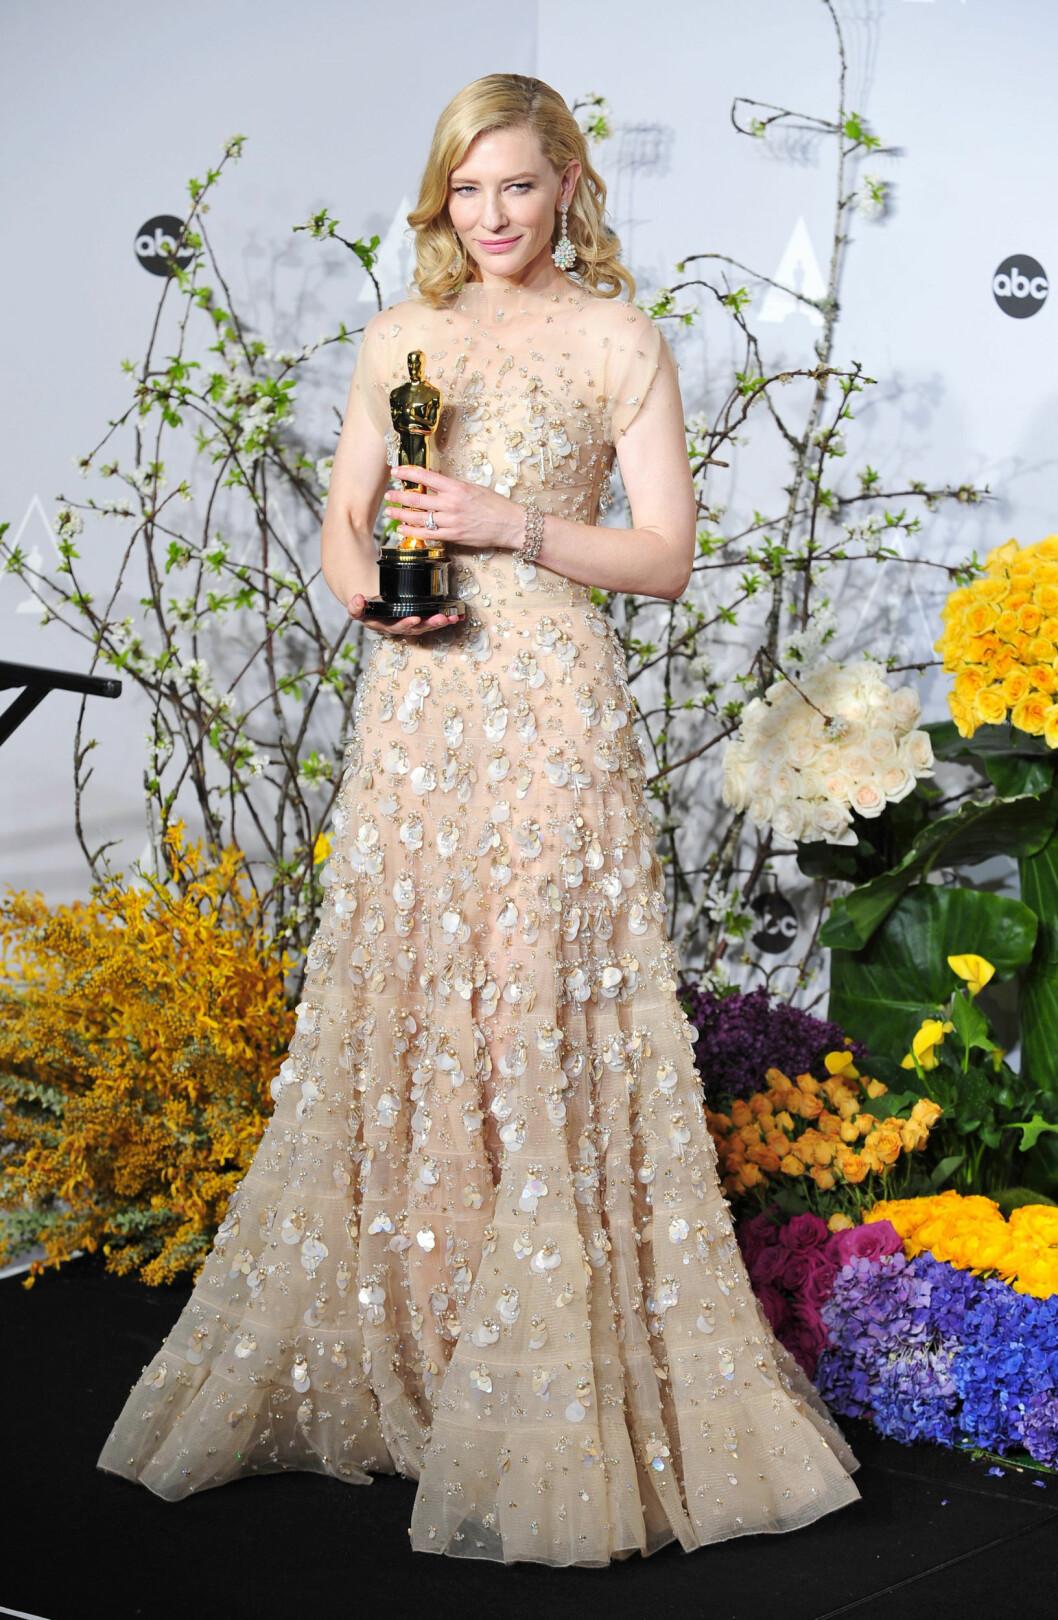 I KJOLE FRA ARMANI PRIVÈ: - Man skulle virkelig ikke tro at Cate Blanchett var 44 år! Hun slo knock-out på flere av sine Hollywood-kollegaer under årets Oscar-utdeling med sin utsmykkede kjole fra Armani Privé', sier KKs moteredaktør Silje Pedersen. Foto: Gregorio Binuya/Everett Collecti